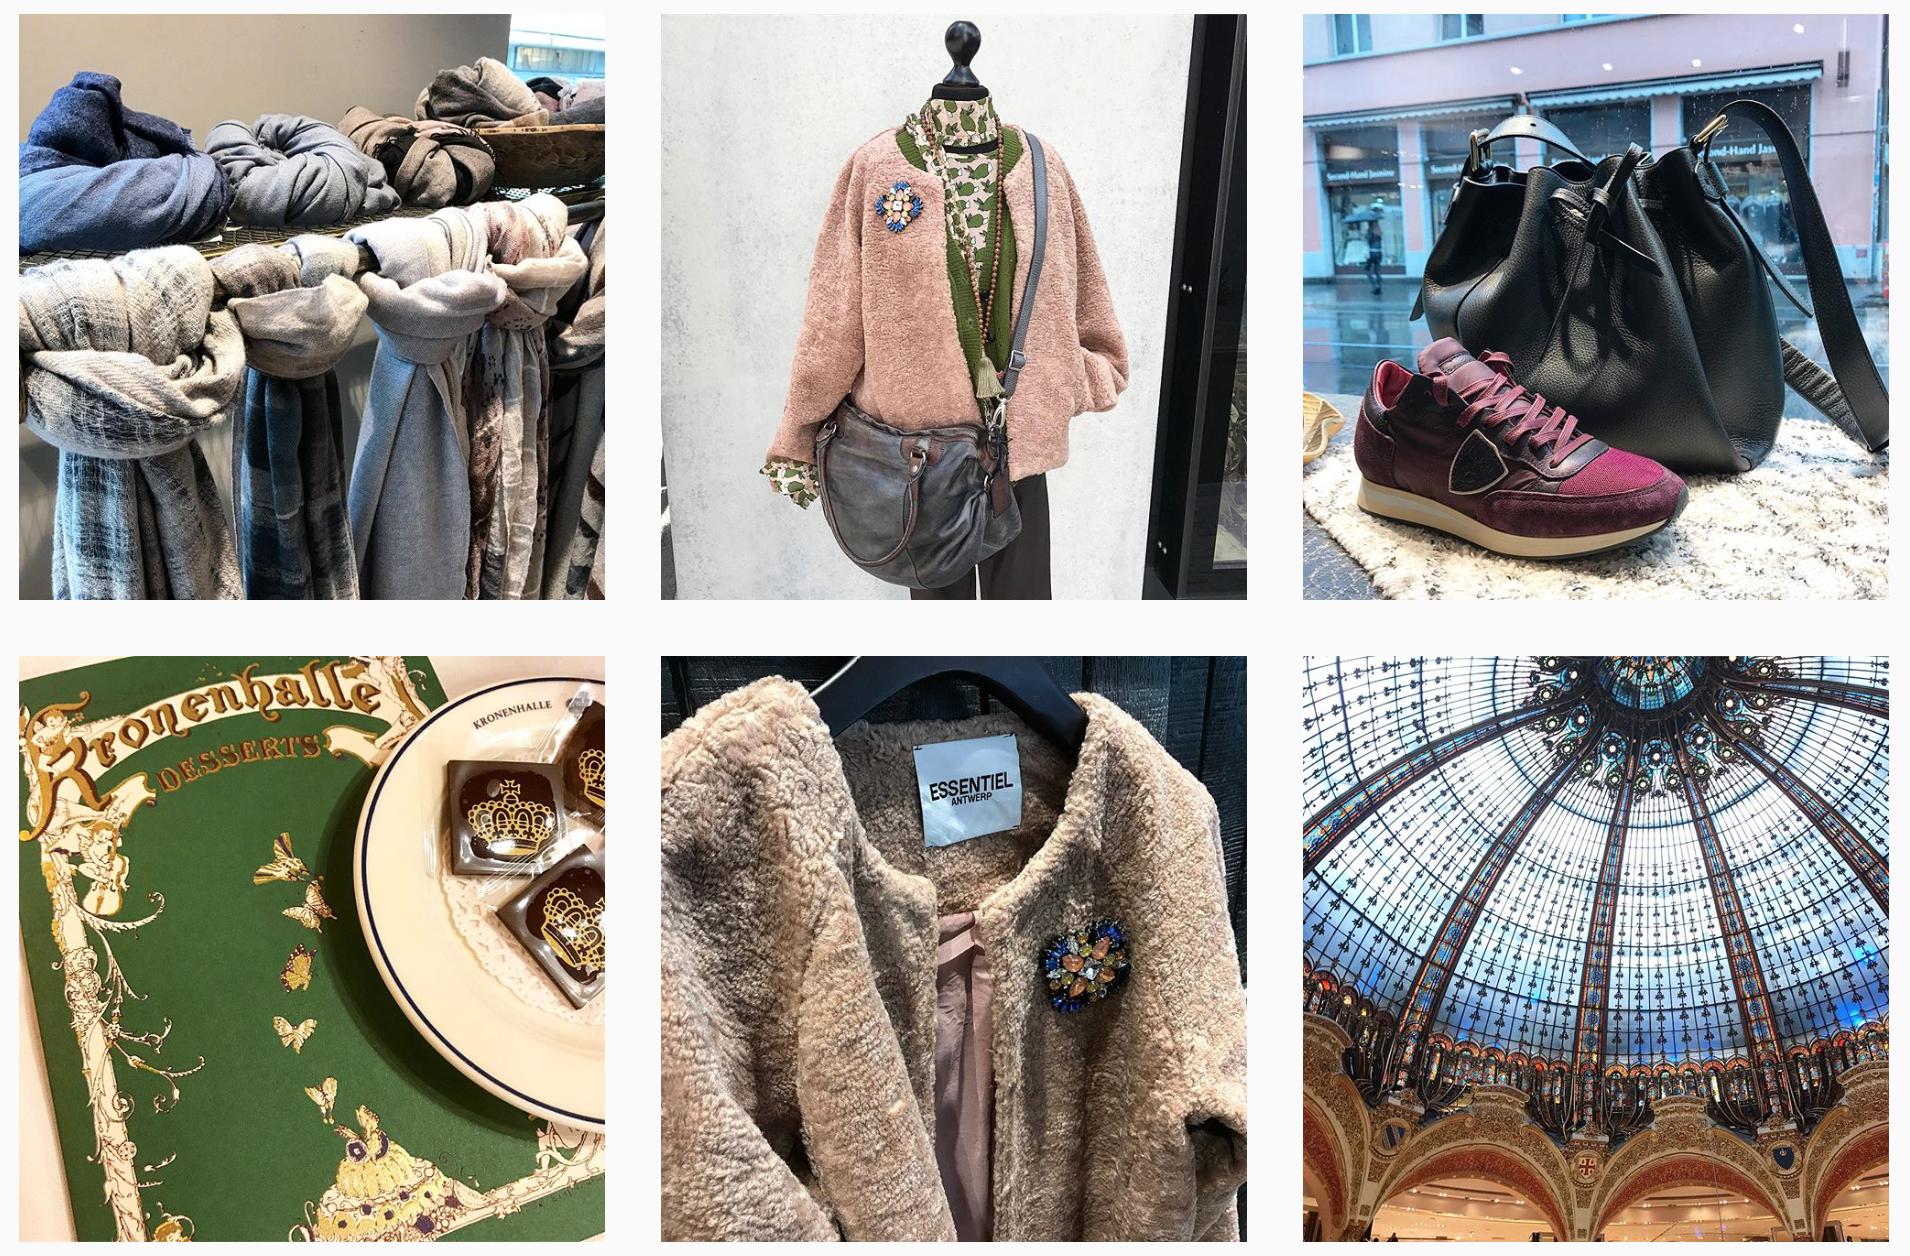 monadico concept store instagram